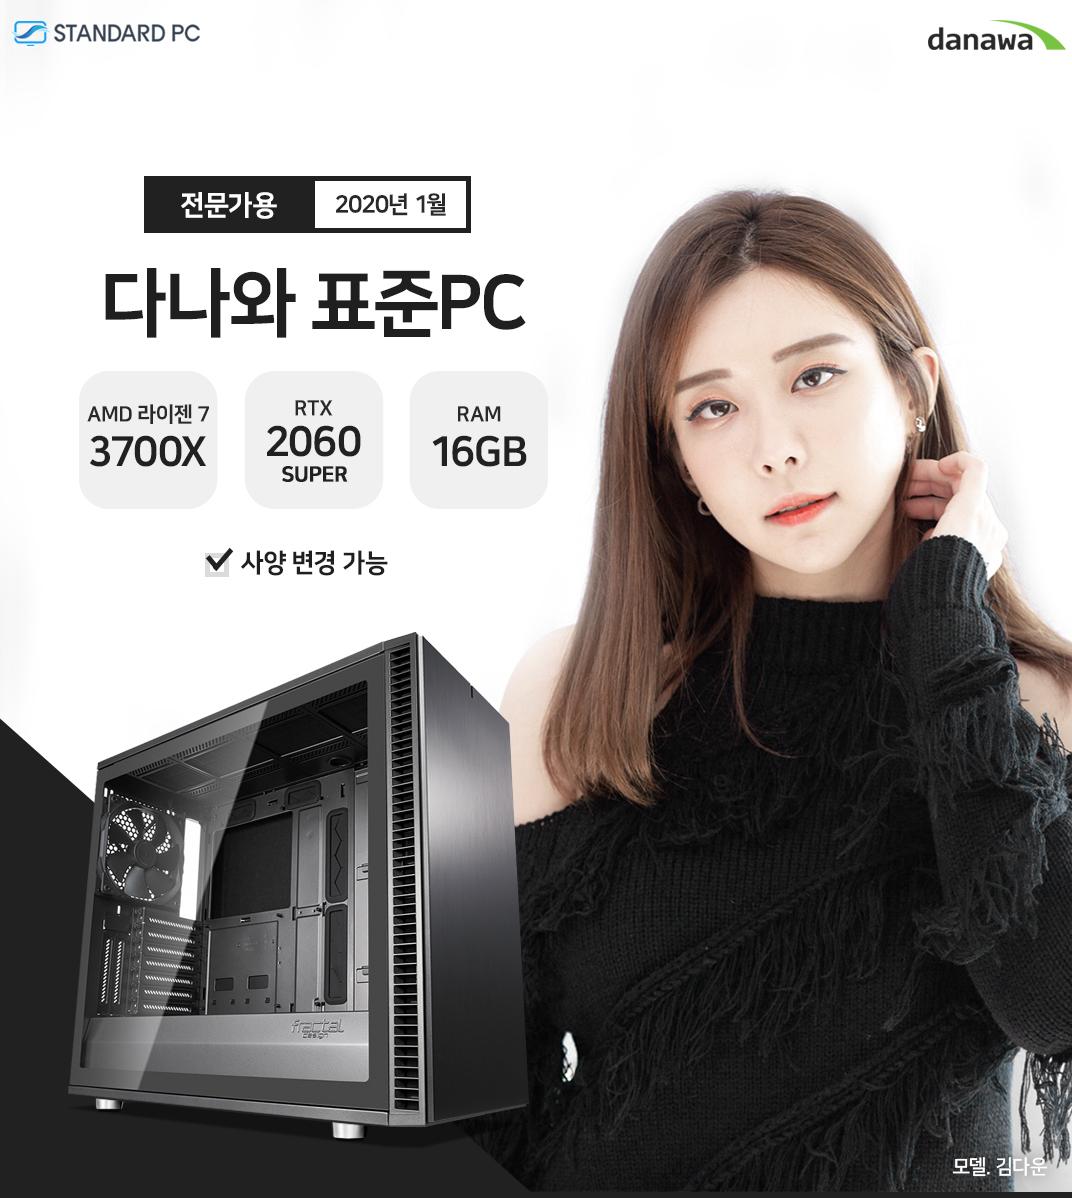 2020년 01월 다나와 표준PC 3D작업용 AMD 라이젠 7 3700X RTX 2060 SUPER RAM 16G 모델 김다운